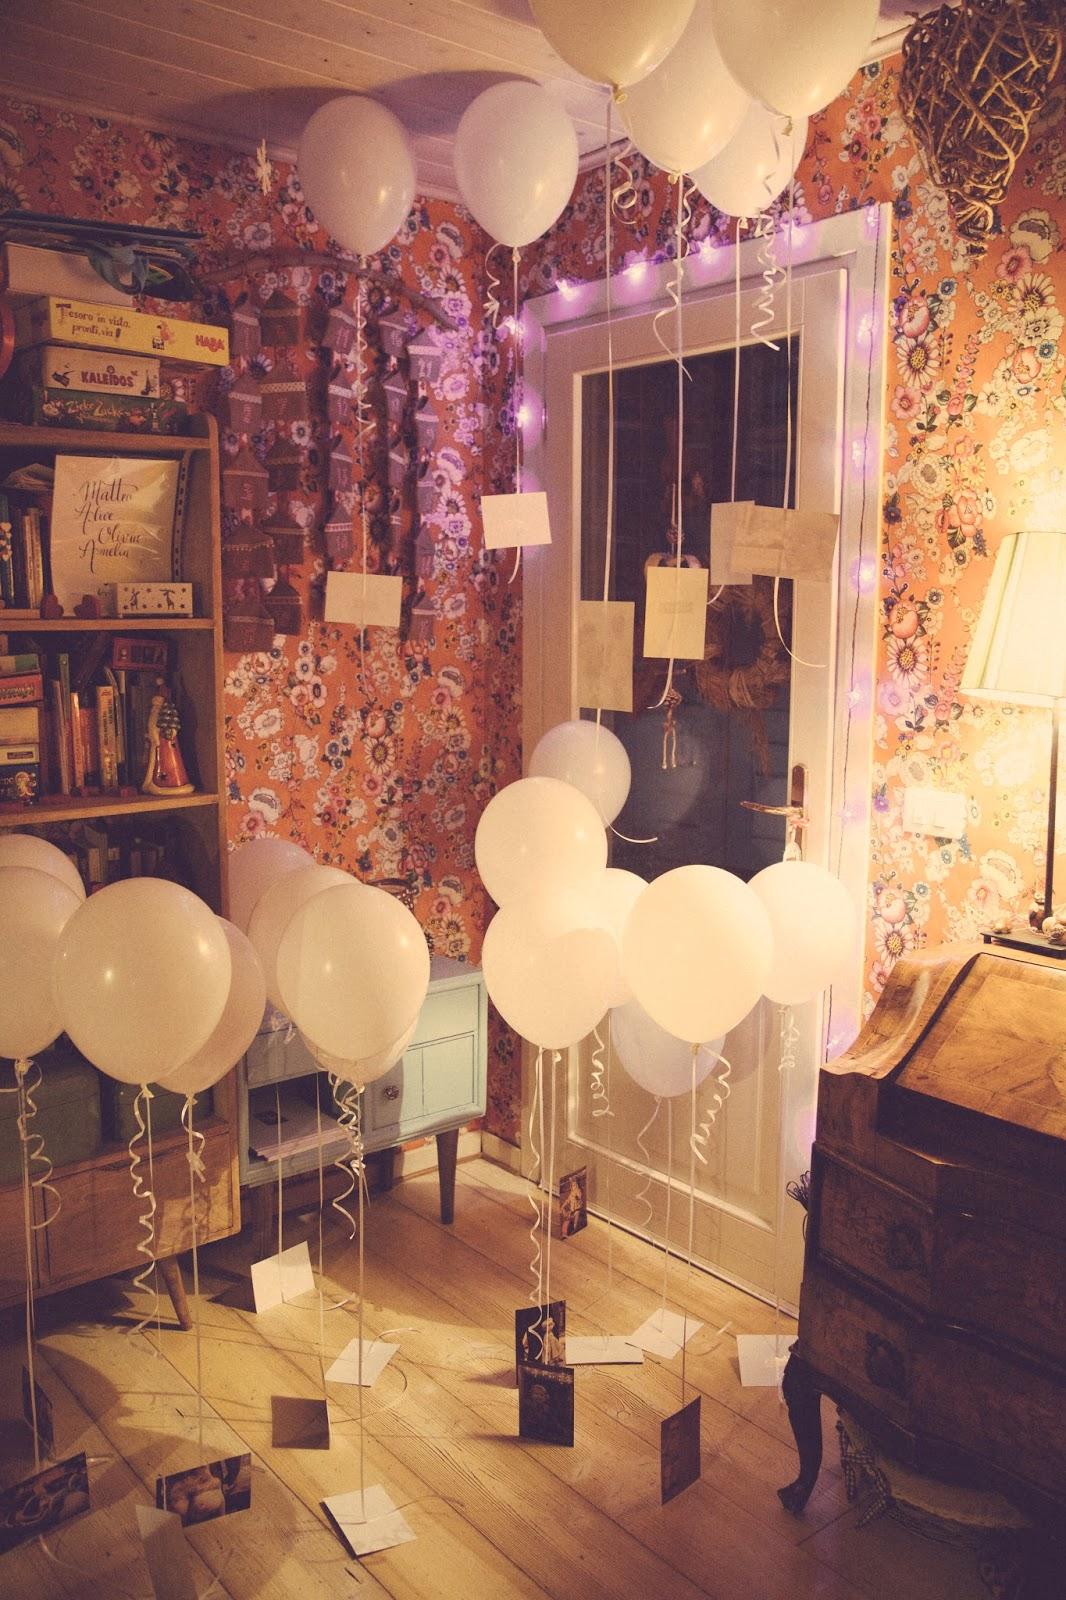 Decorazioni san valentino idee romantiche per addobbare la casa - Decori per san valentino ...